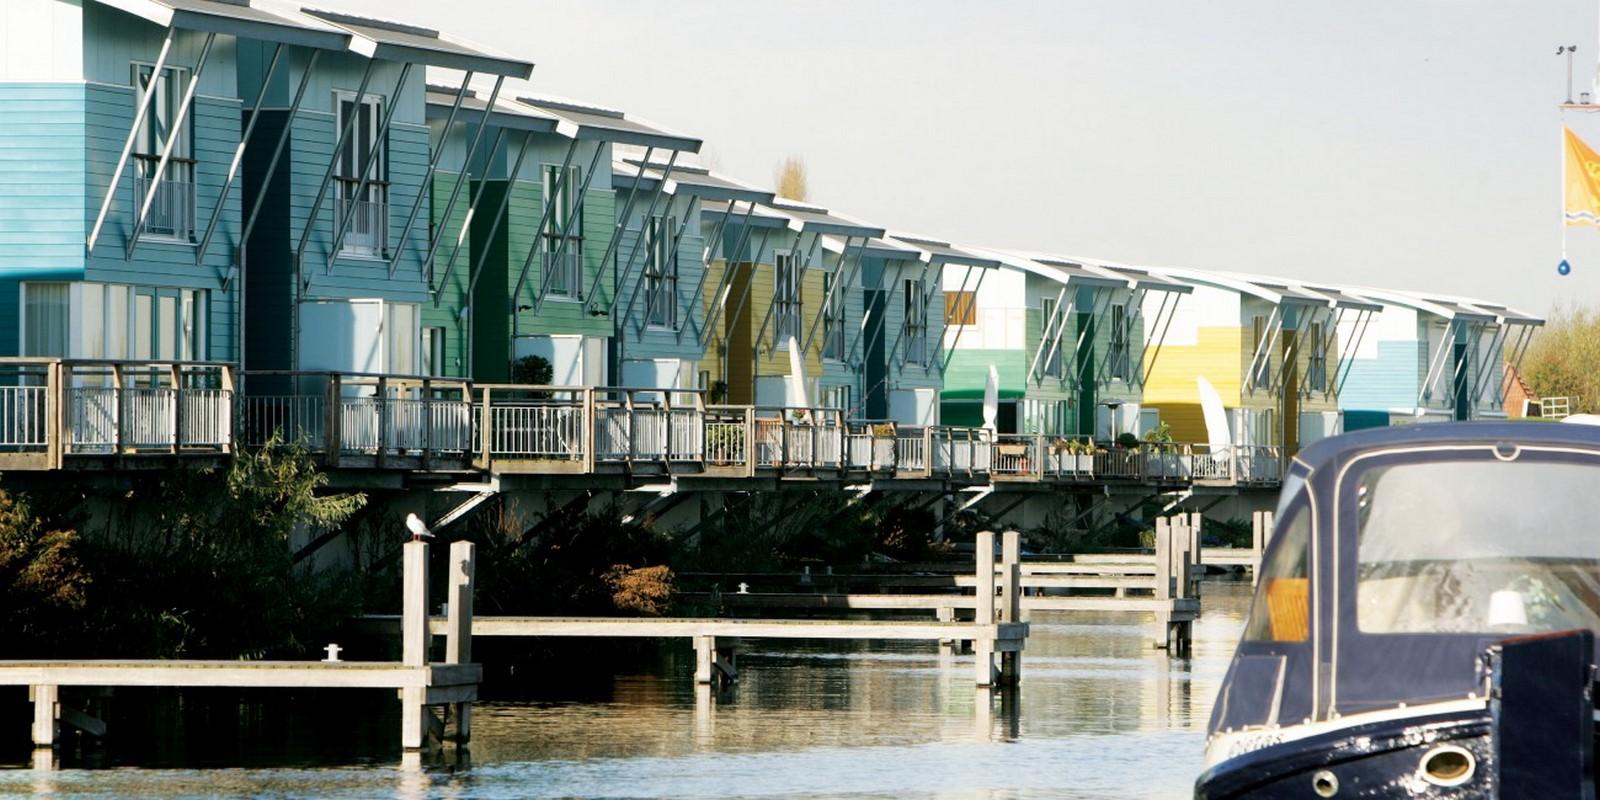 Amphibious Housing in Maasbommel - Sheet2